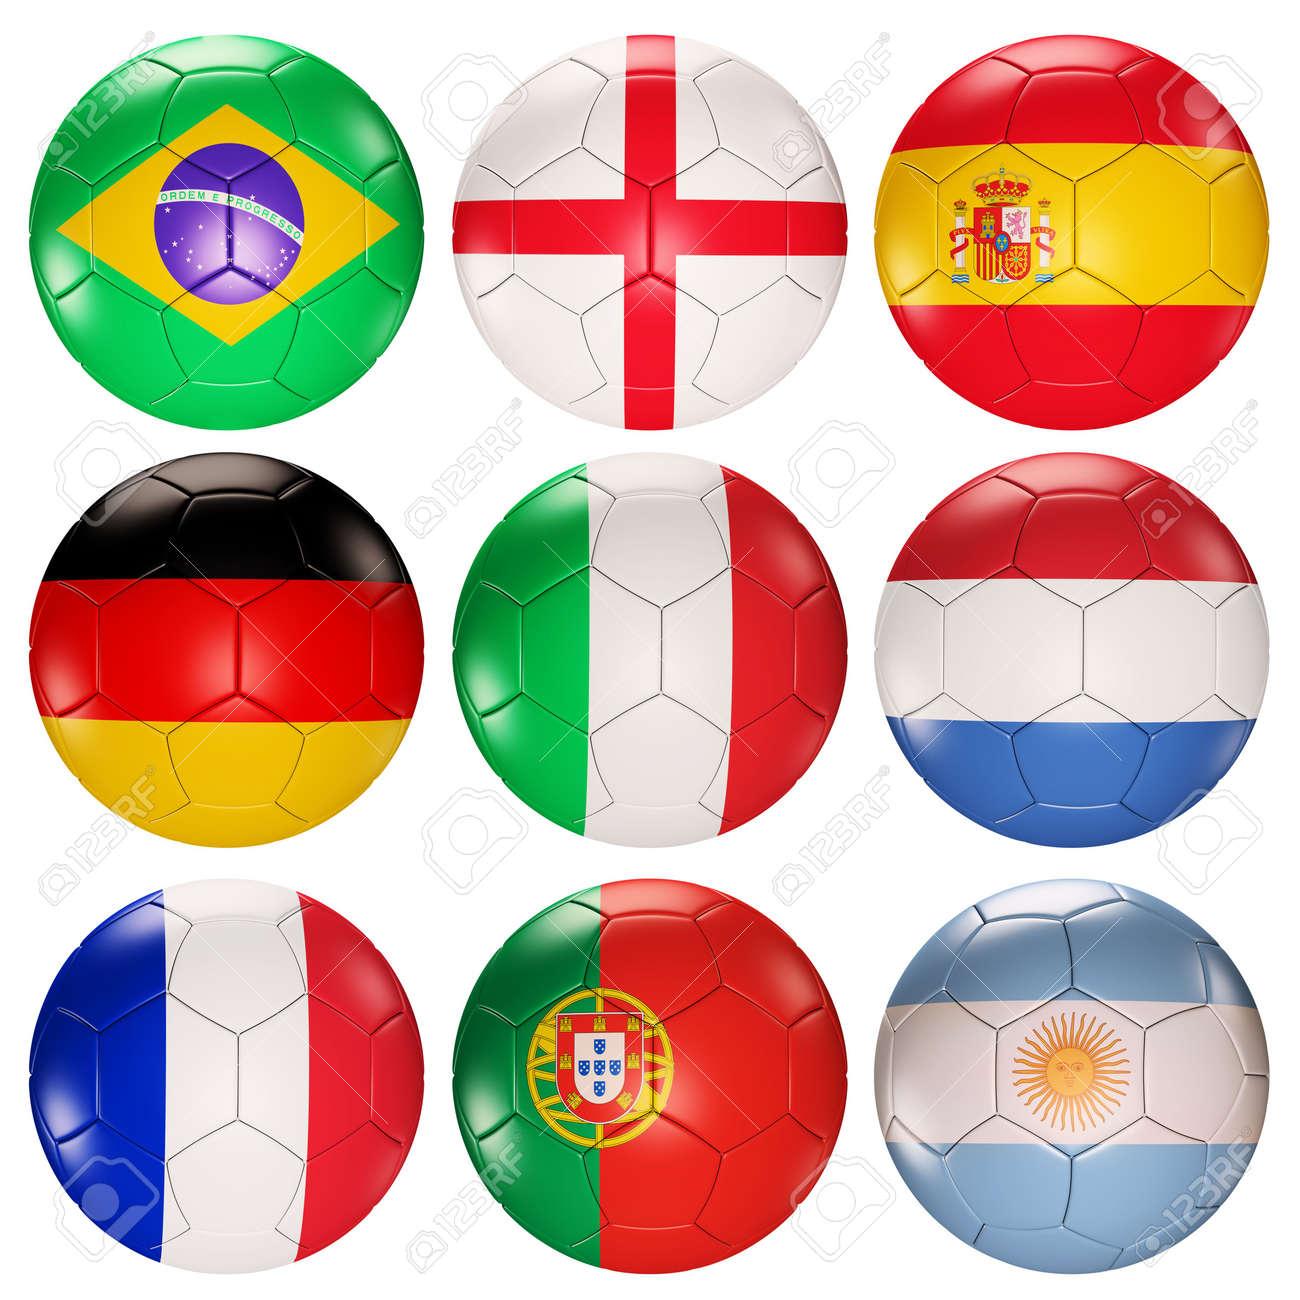 75e0e79b142ab Foto de archivo - Fútbol bolas banderas de países principales en los  ranking de procesamiento 3d